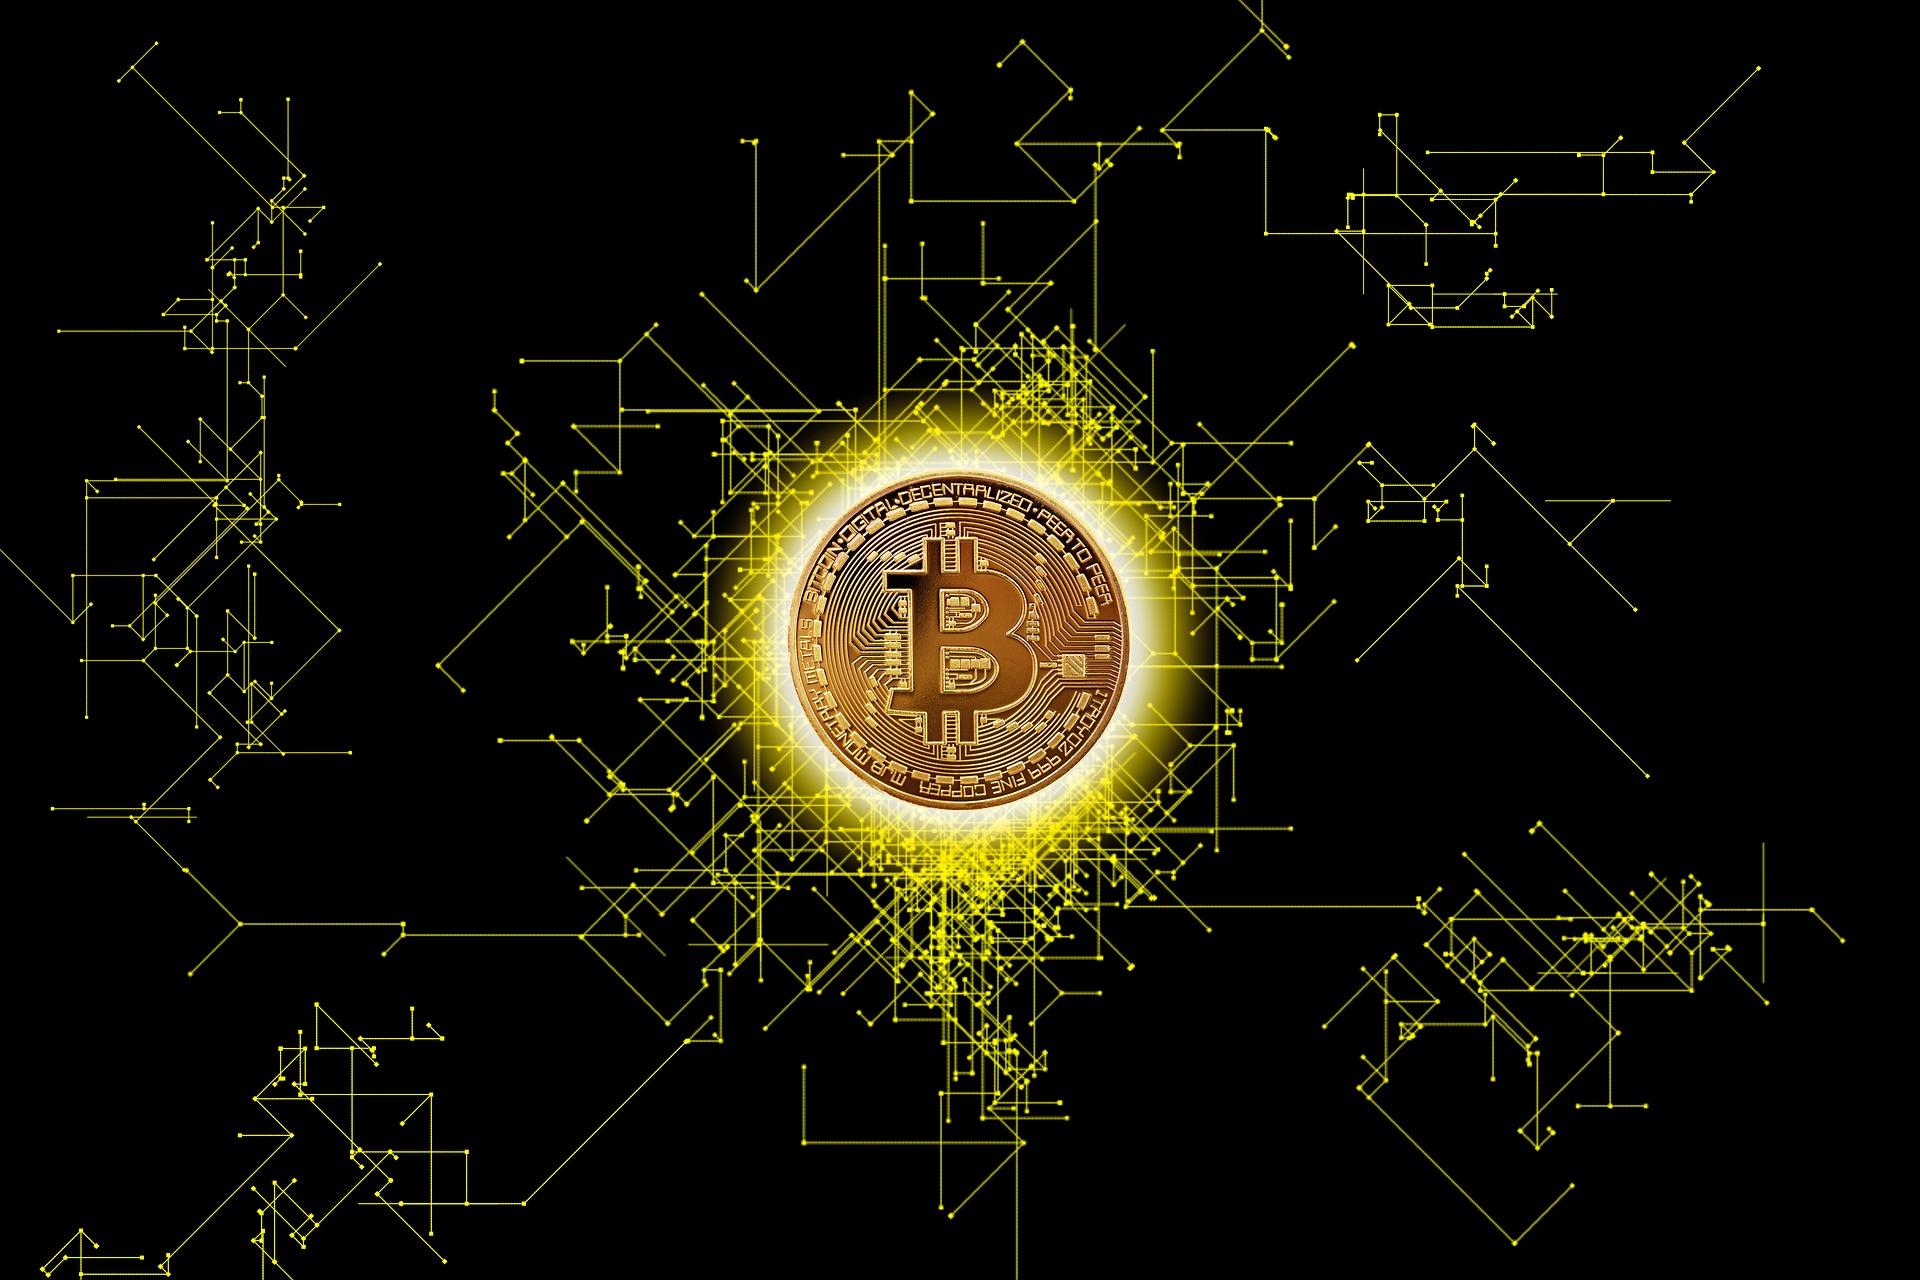 Se cumplen 12 años del nacimiento del bloque Génesis de Bitcoin, mientras que la criptomoneda se aproxima a los 35 mil dólares en su precio máximo histórico